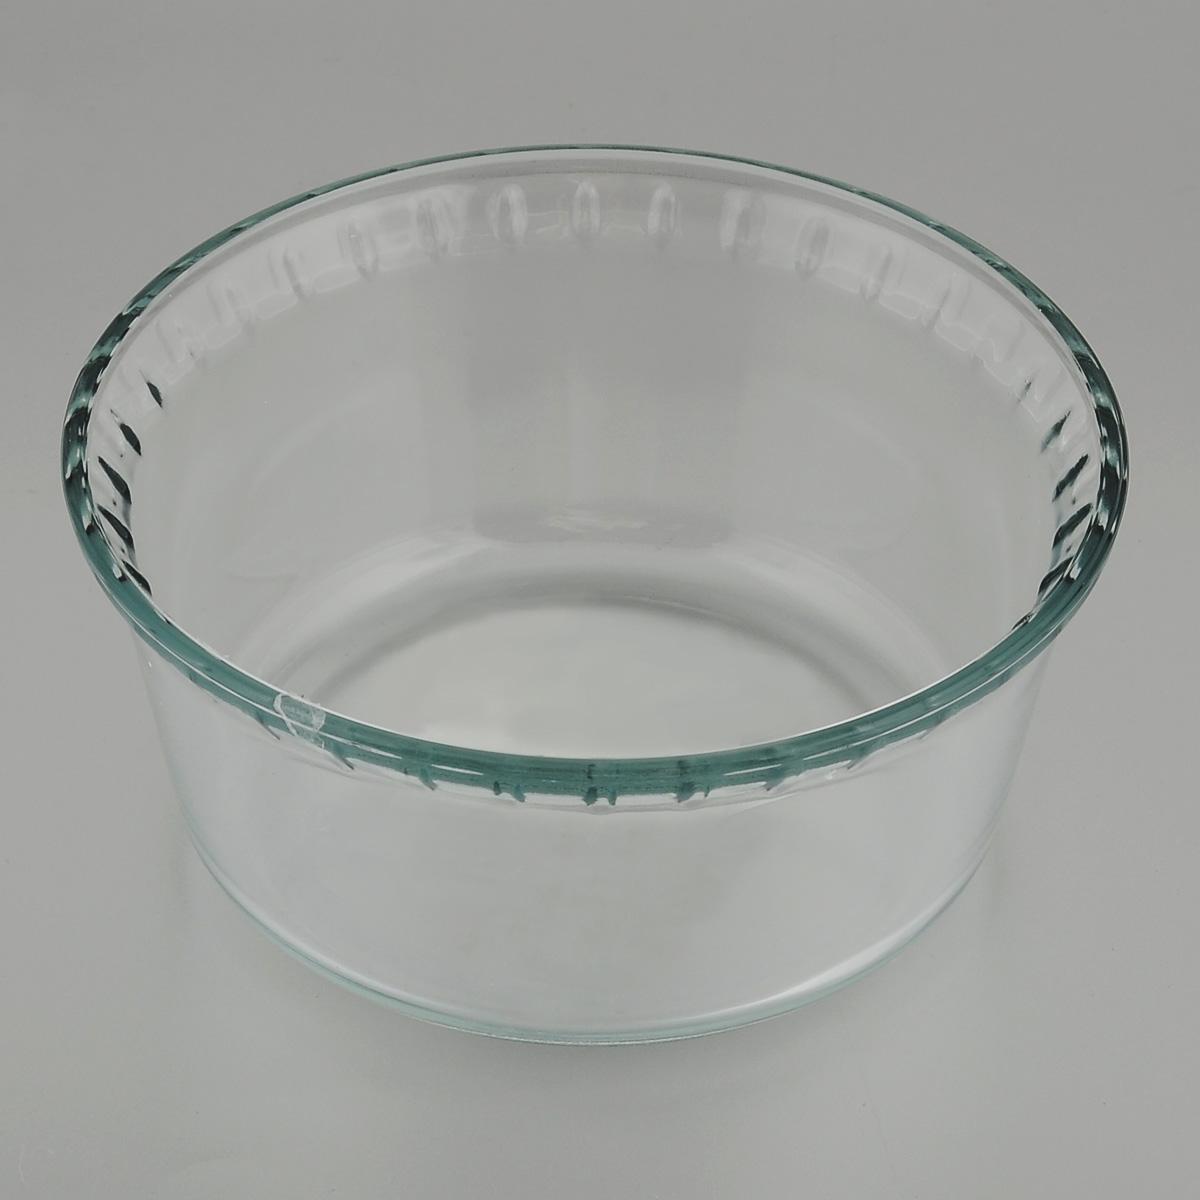 Форма для запекания Mijotex, круглая, диаметр 18 смSK COOKIEDINO1-BRAГлубокая круглая форма для запекания Mijotex изготовлена из жаропрочного стекла, которое выдерживает температуру до +450°С. Форма предназначена для приготовления горячих блюд. Материал изделия гигиеничен, прост в уходе и обладает высокой степенью прочности. Форма идеально подходит для использования в духовках, микроволновых печах, холодильниках и морозильных камерах. Также ее можно использовать на газовых плитах (на слабом огне) и на электроплитах. Можно мыть в посудомоечной машине.Диаметр формы: 18 см.Высота стенки формы: 8 см.